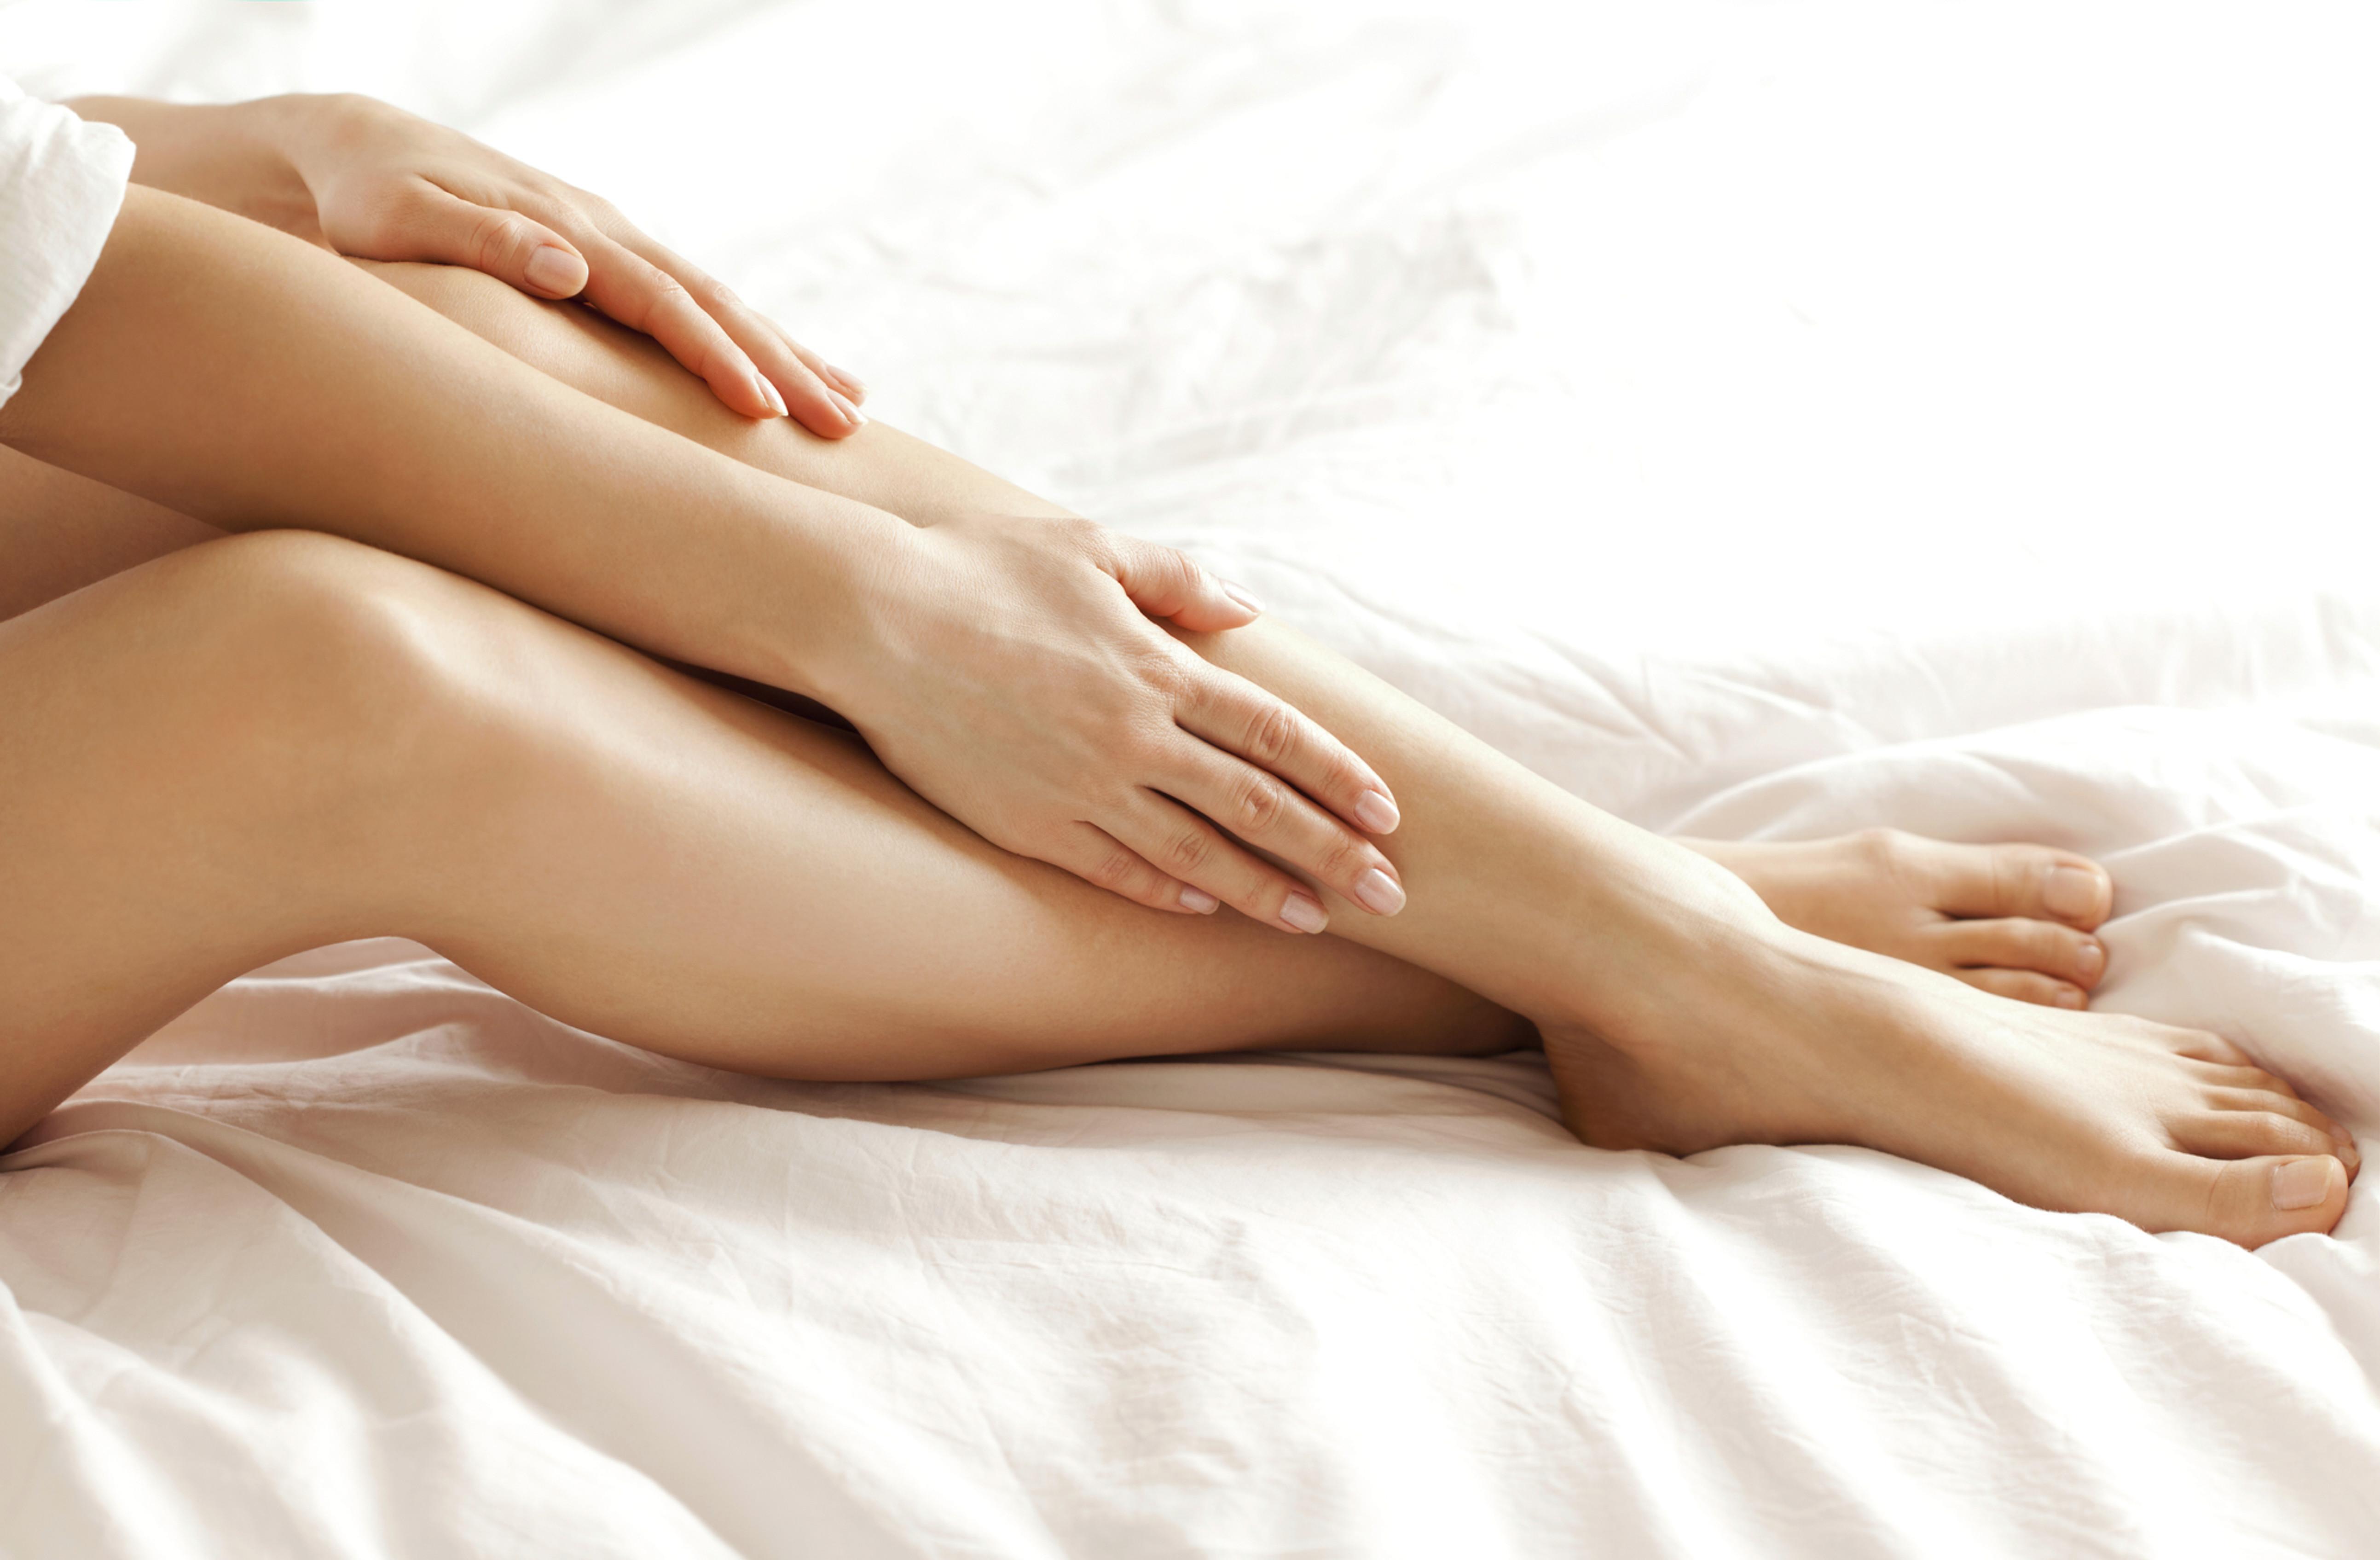 Body Aesthetics